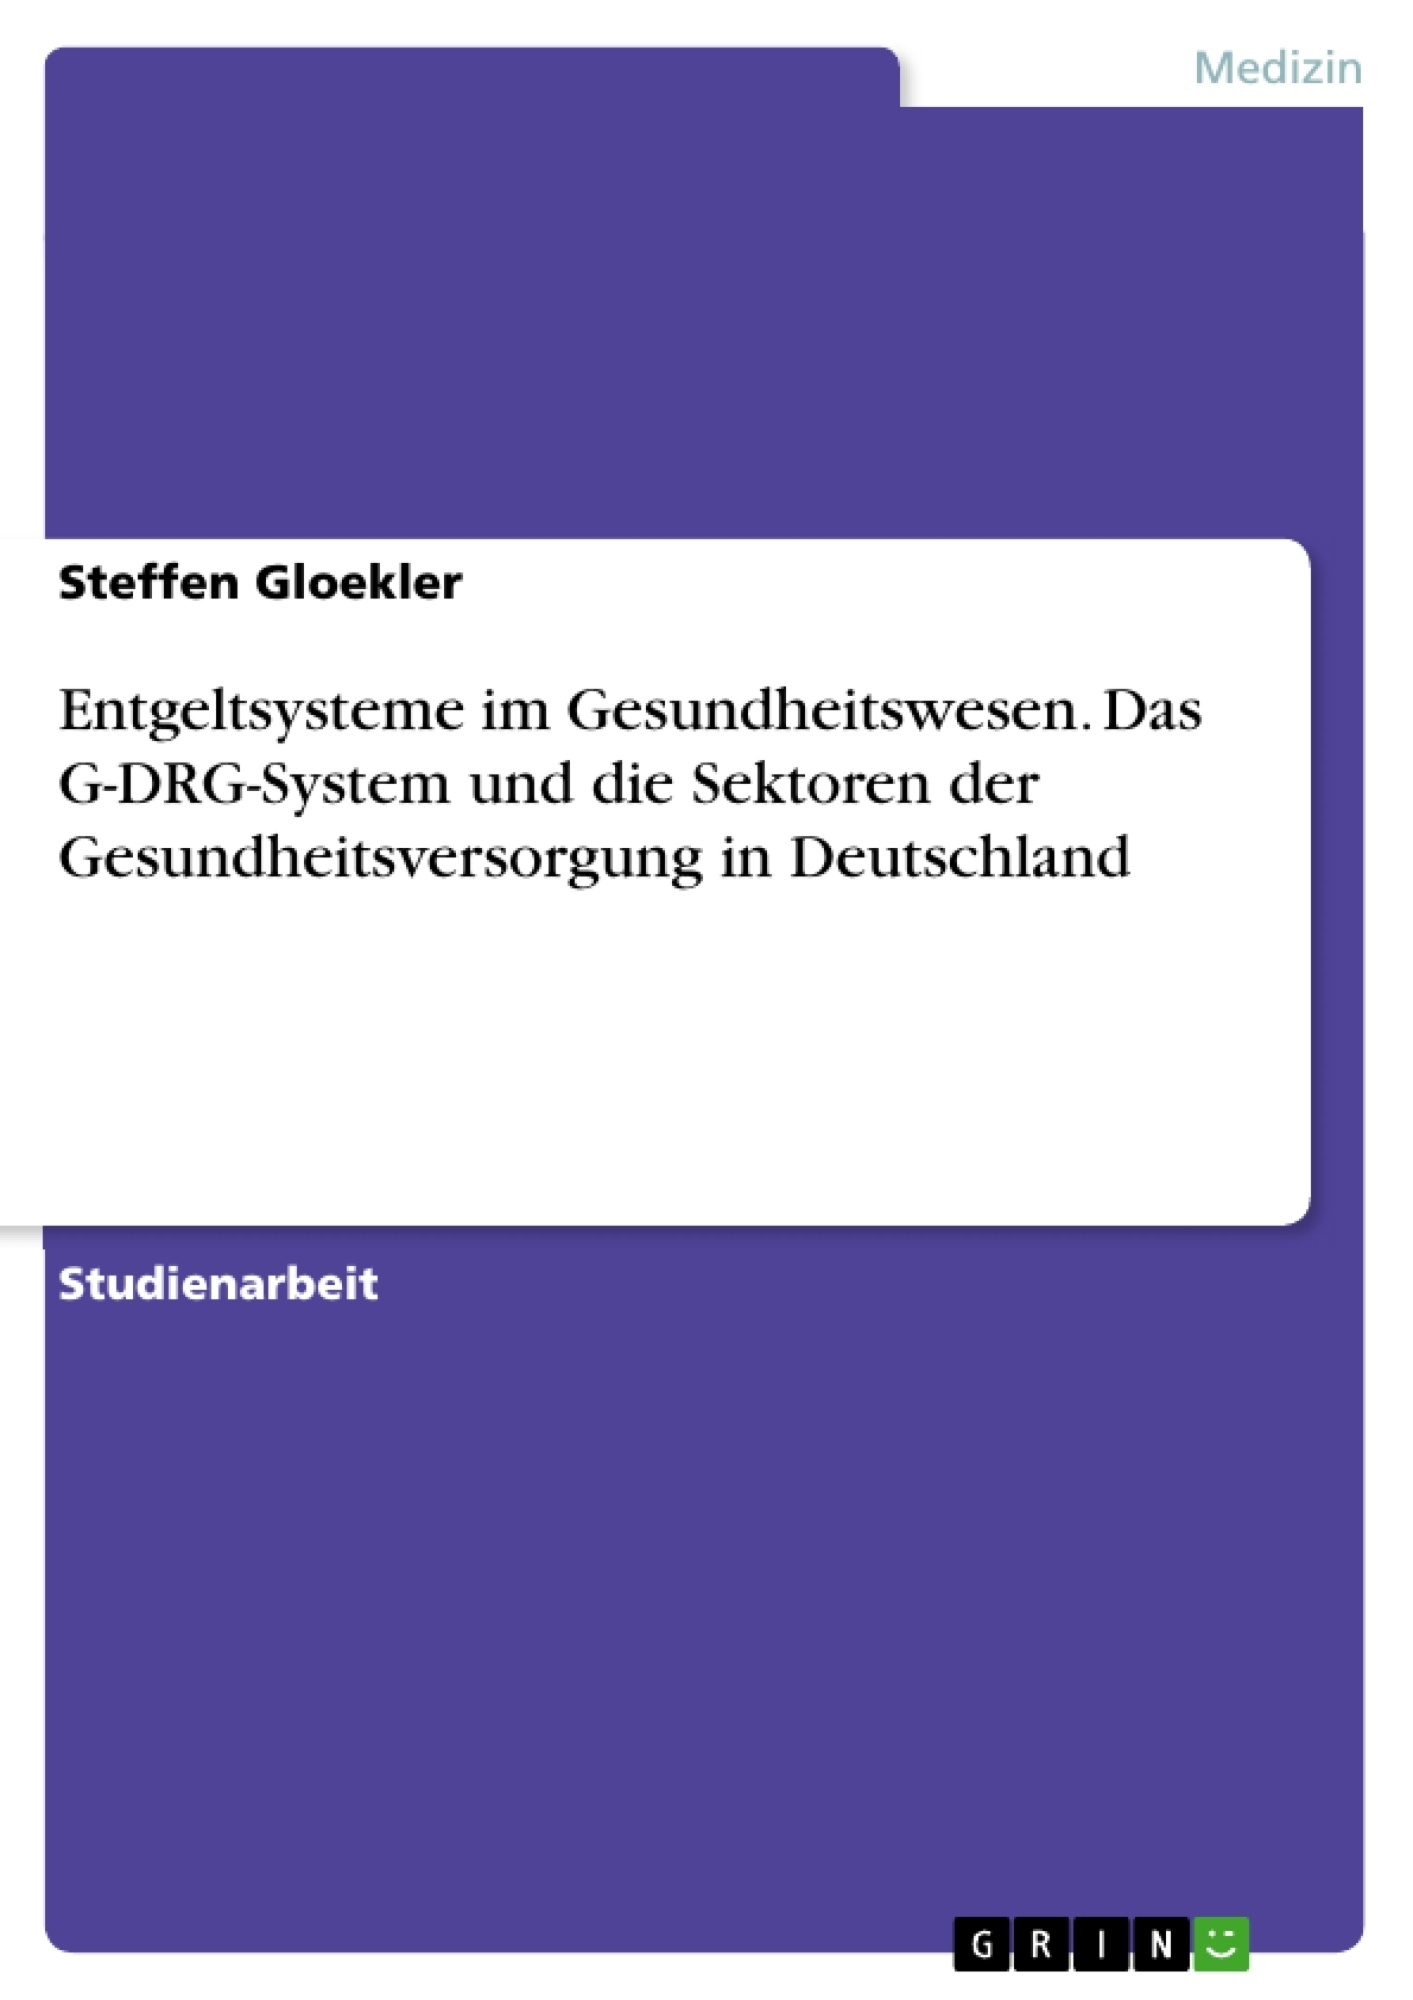 Titel: Entgeltsysteme im Gesundheitswesen. Das G-DRG-System und die Sektoren der Gesundheitsversorgung in Deutschland